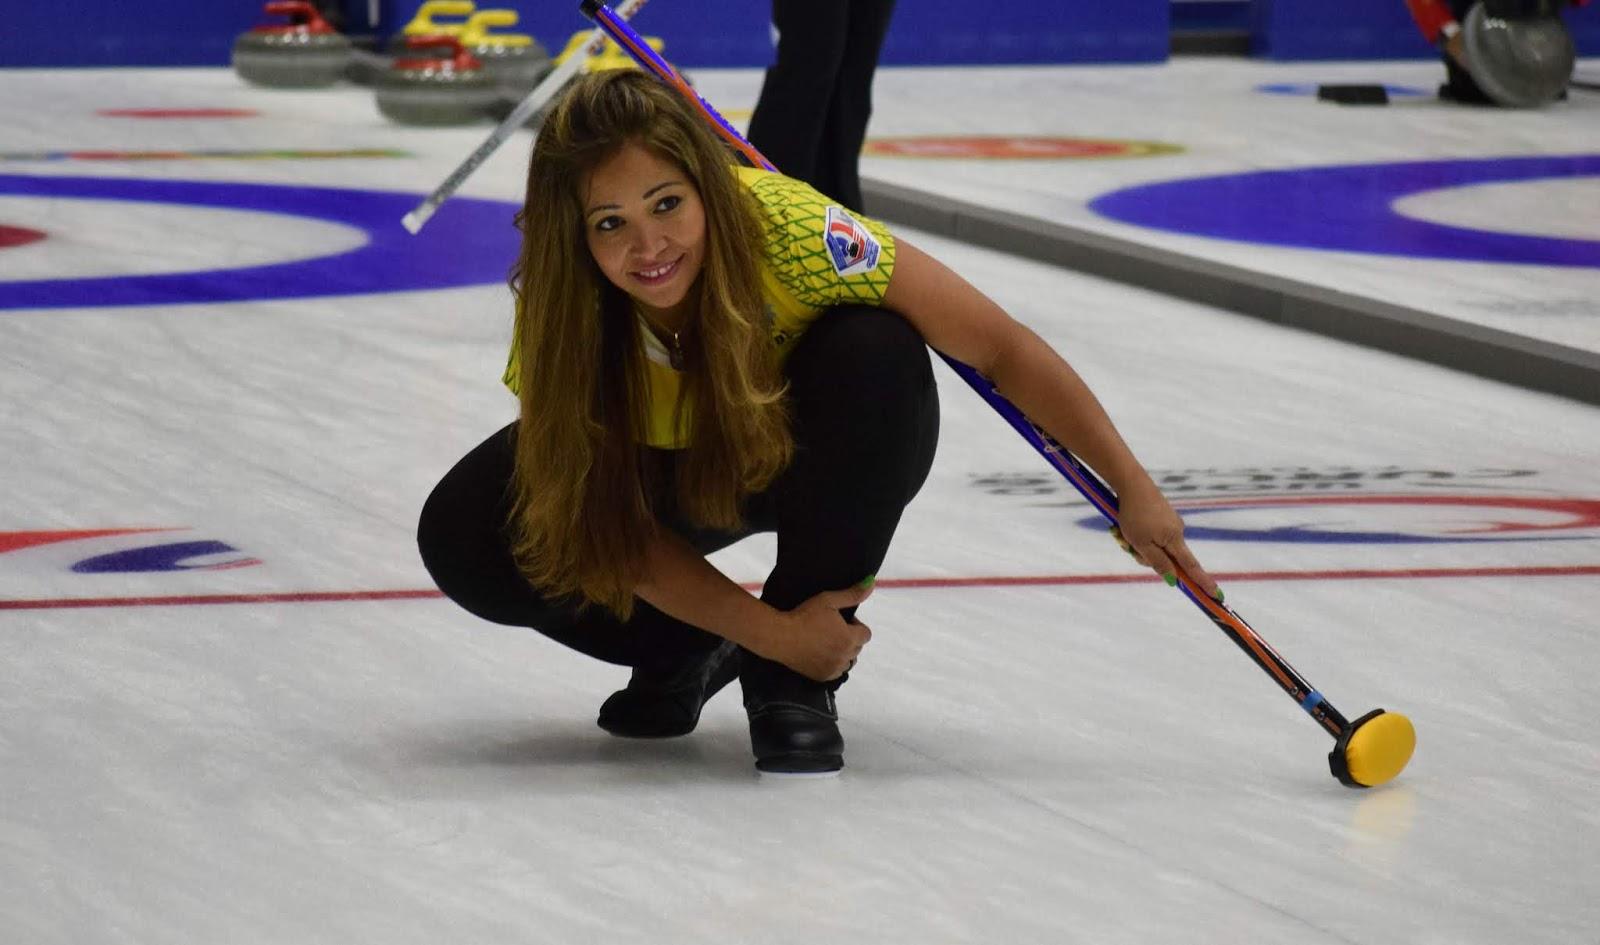 Seleção feminina vence mais uma e segue com chances no Curling